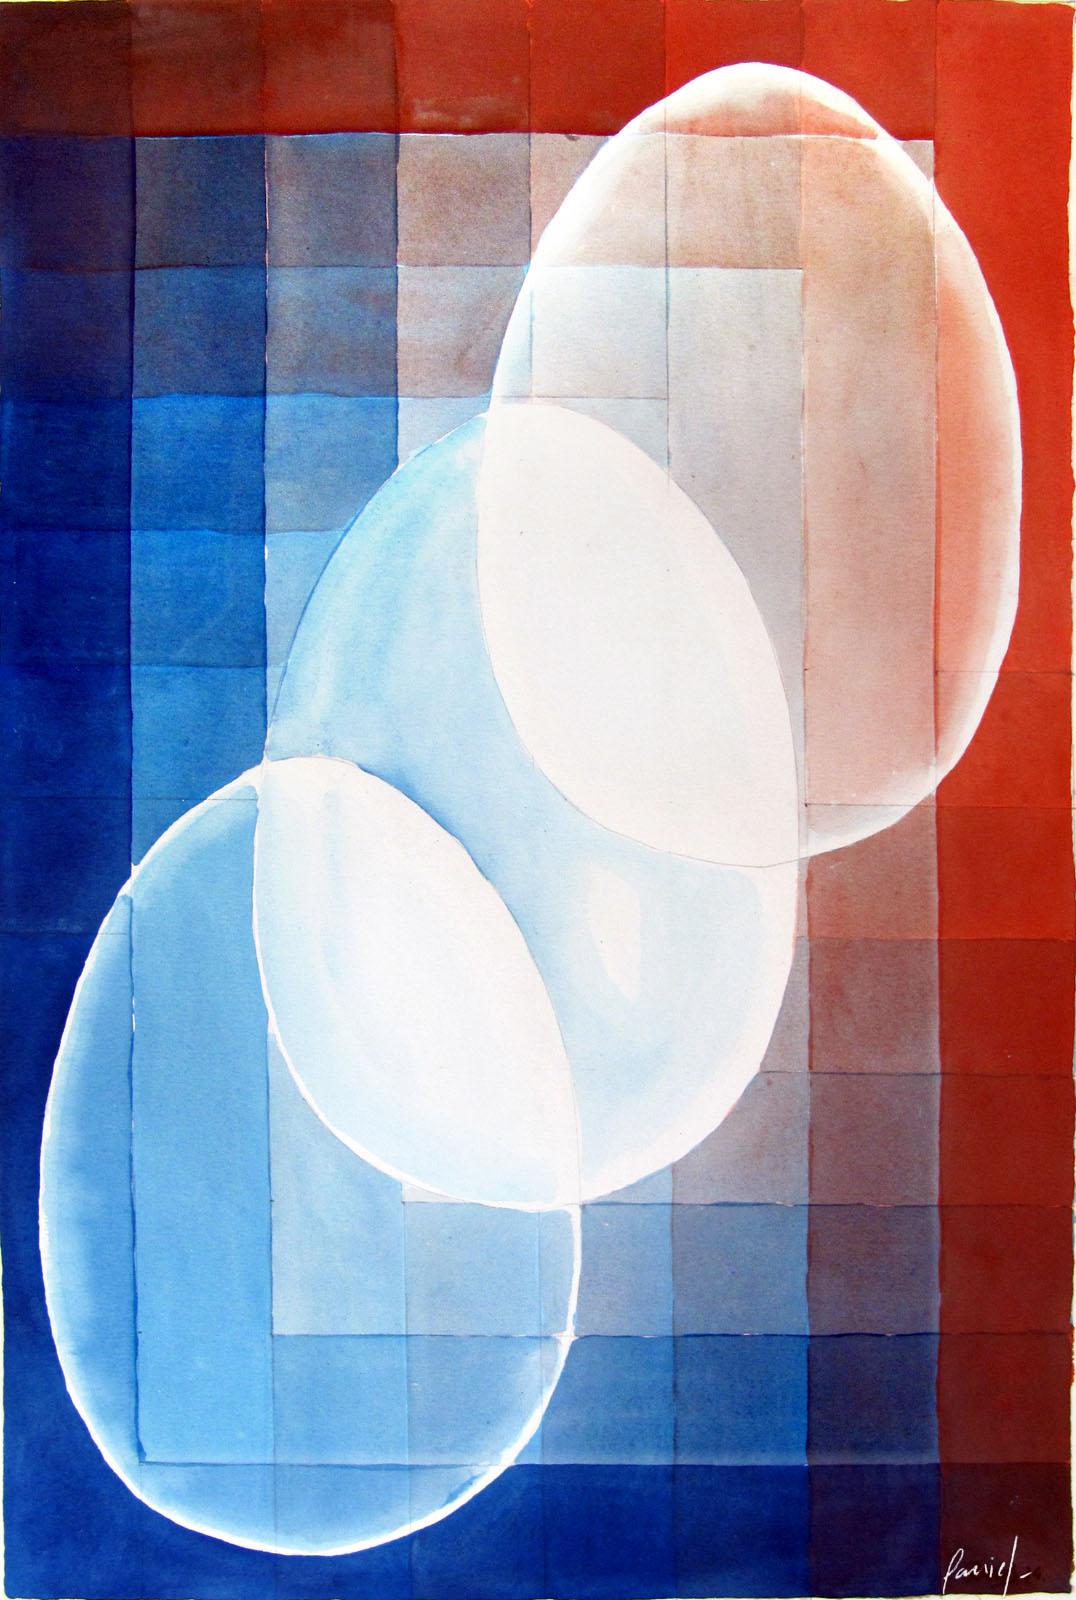 panies-danielvillalobos-painting-twentiethcentury-kinetic-art-10